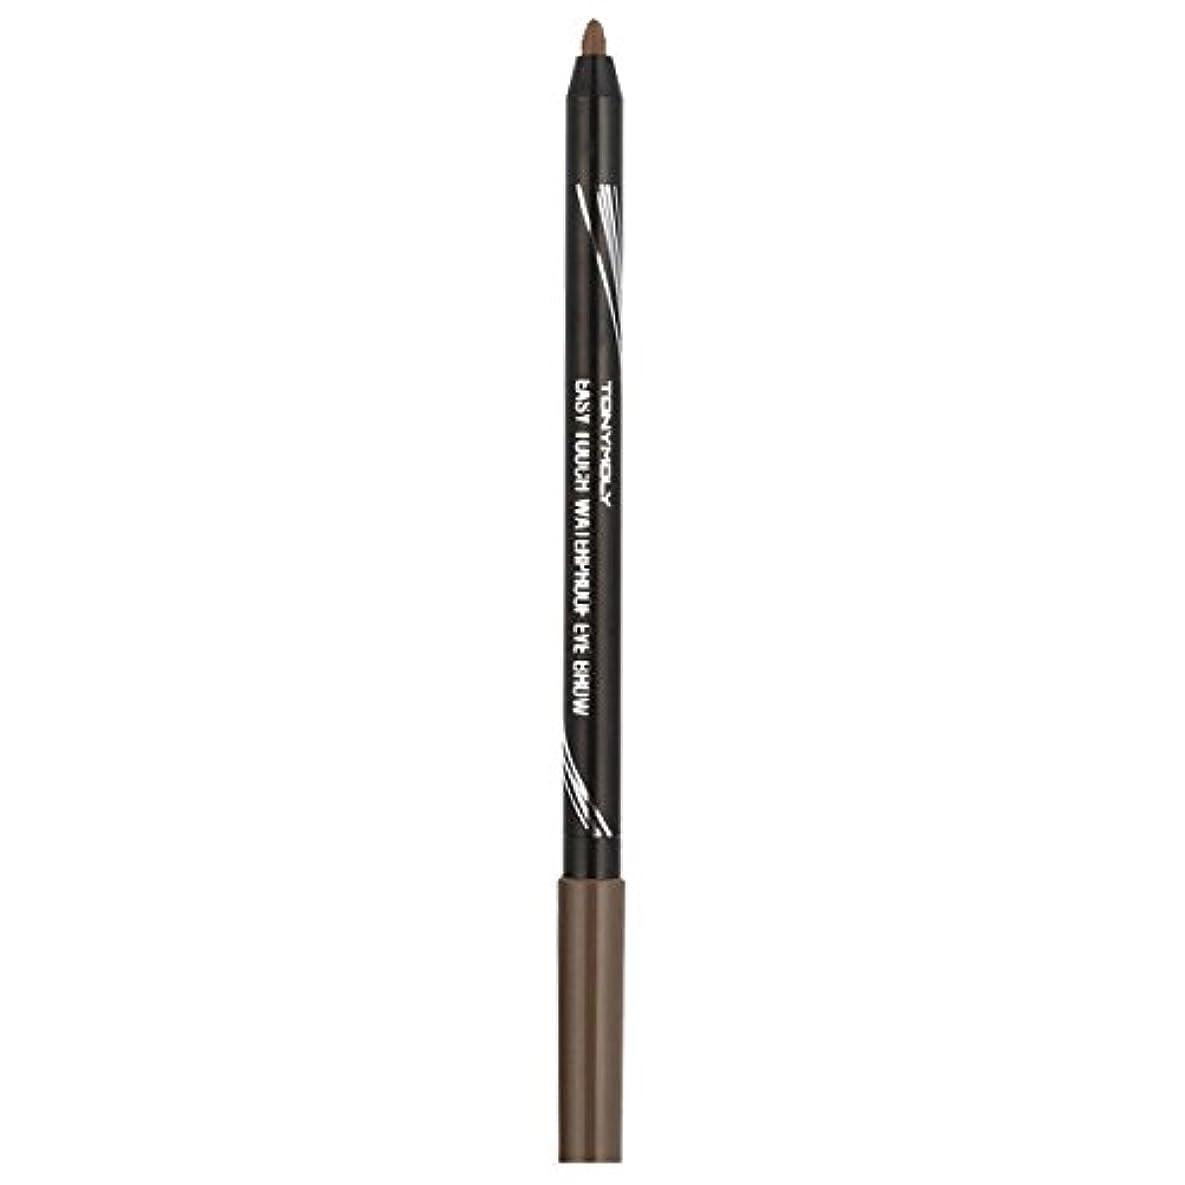 繕う悲しいことにリゾート(3 Pack) TONYMOLY Easy Touch Waterproof Eye Brow - Black Brown 02 (並行輸入品)